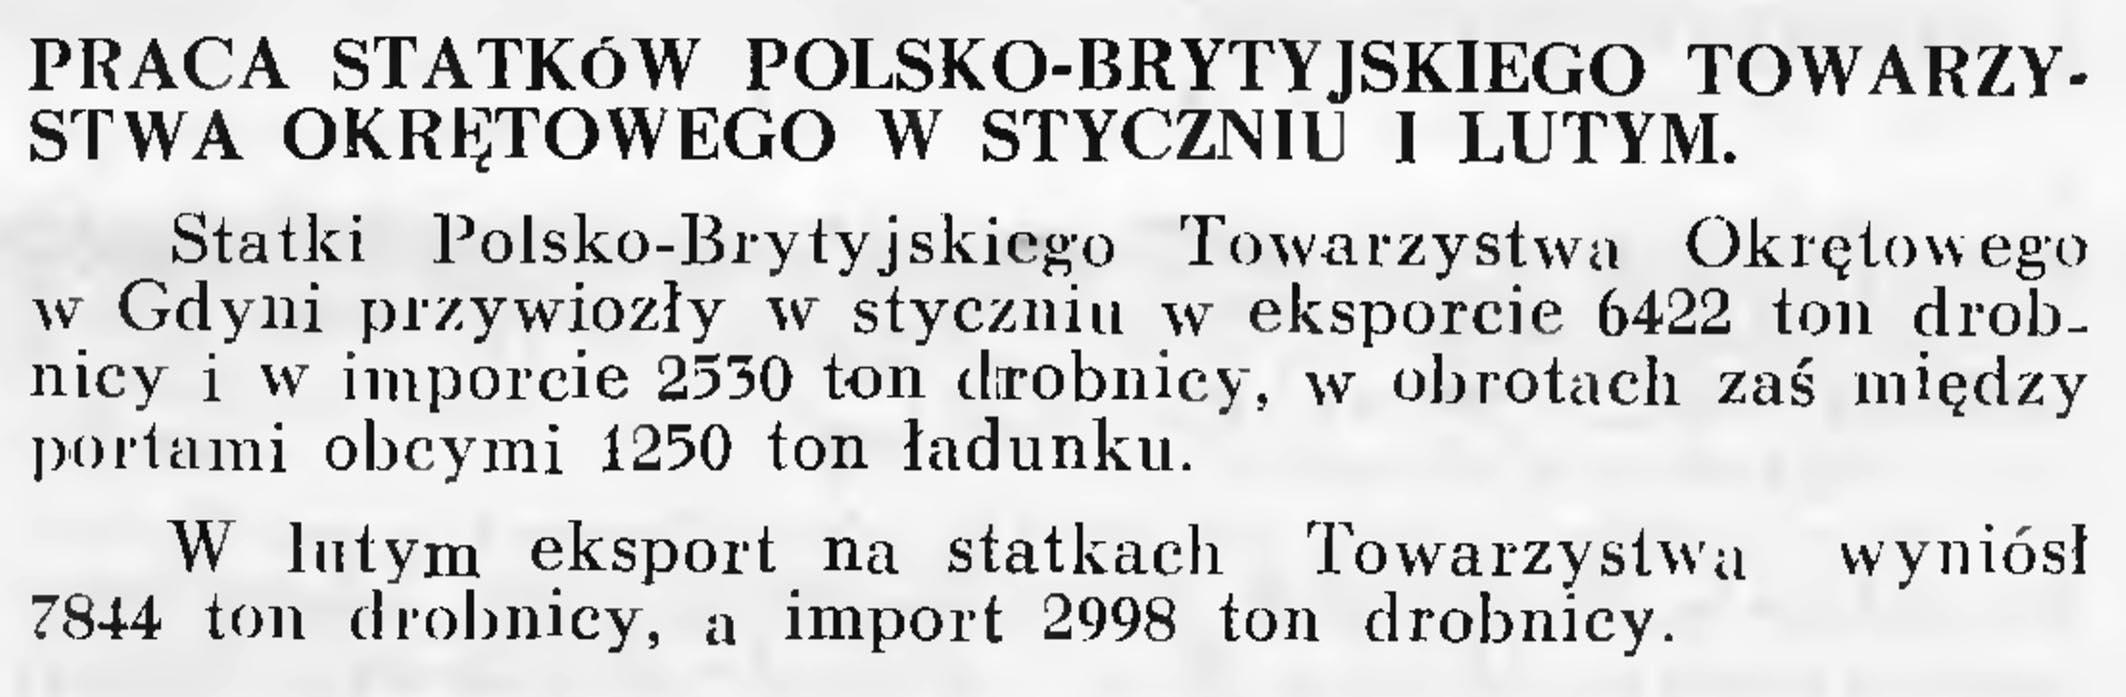 Praca statków Polsko-Brytyjskiego Towarzystwa Okrętowego w styczniu i lutym // Wiadomości Portowe. - 1939, nPraca statków Polsko-Brytyjskiego Towarzystwa Okrętowego w styczniu i lutym // Wiadomości Portowe. - 1939, nr 3, s. 17r 3, s. 17